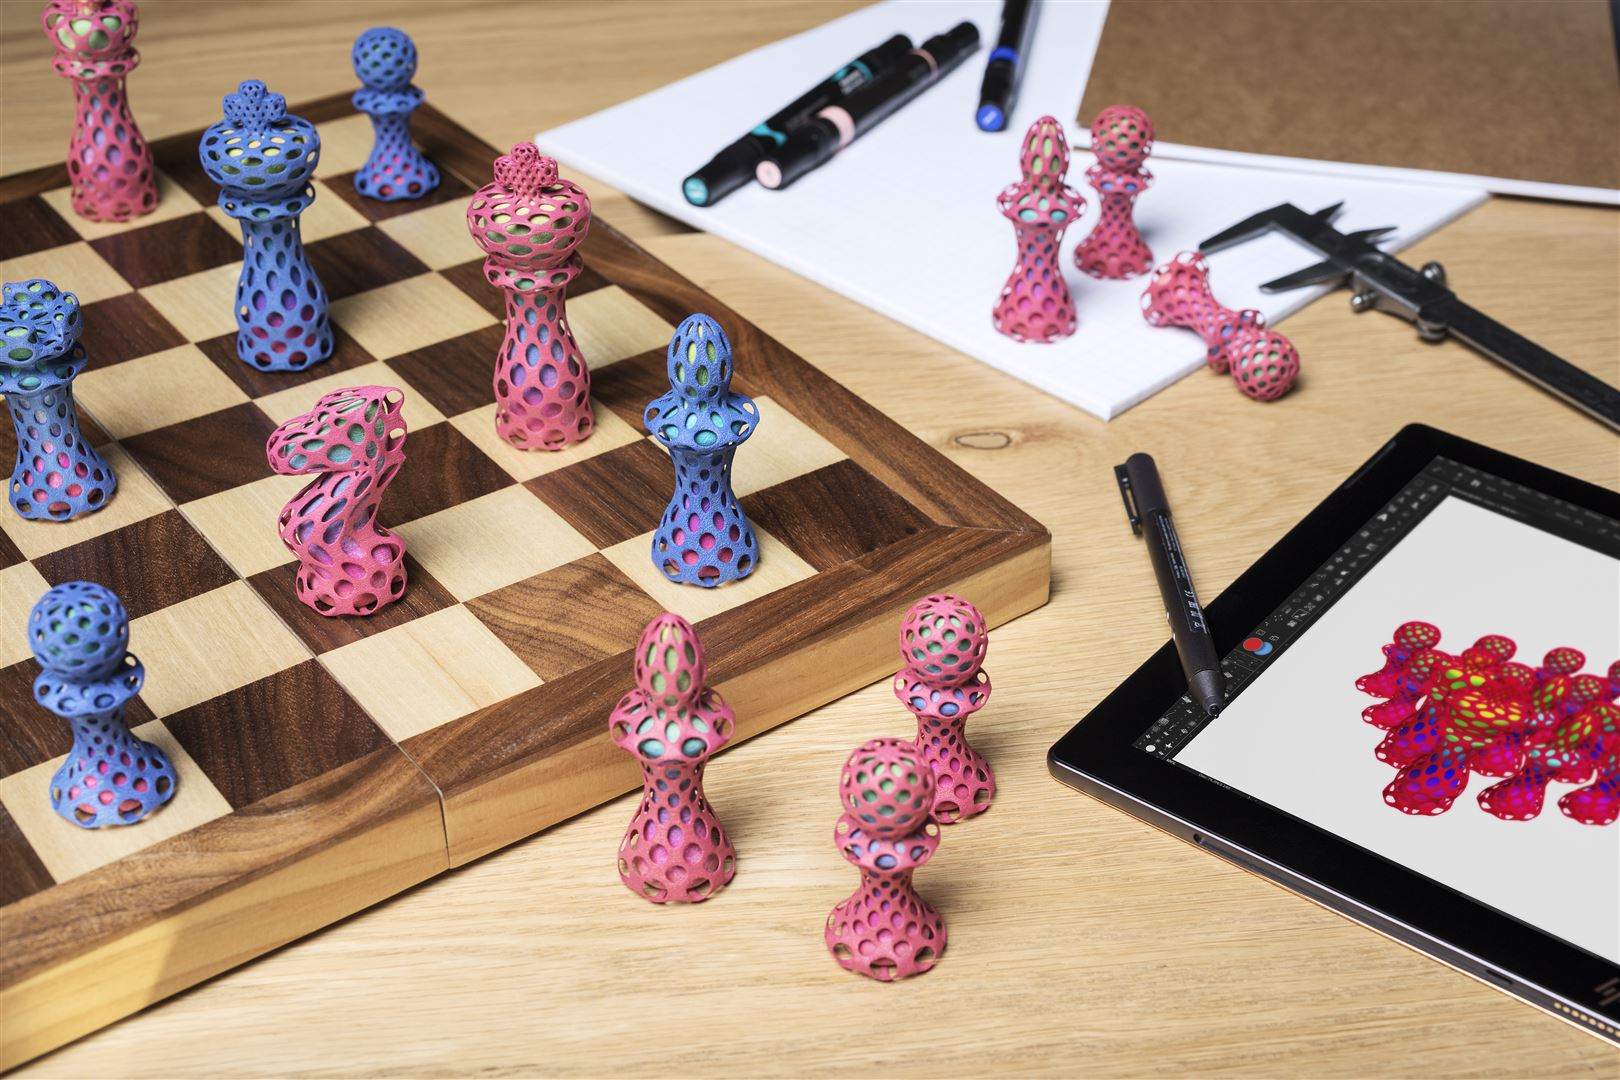 Farbige Schachfiguren gedruckt auf der HP JF 580